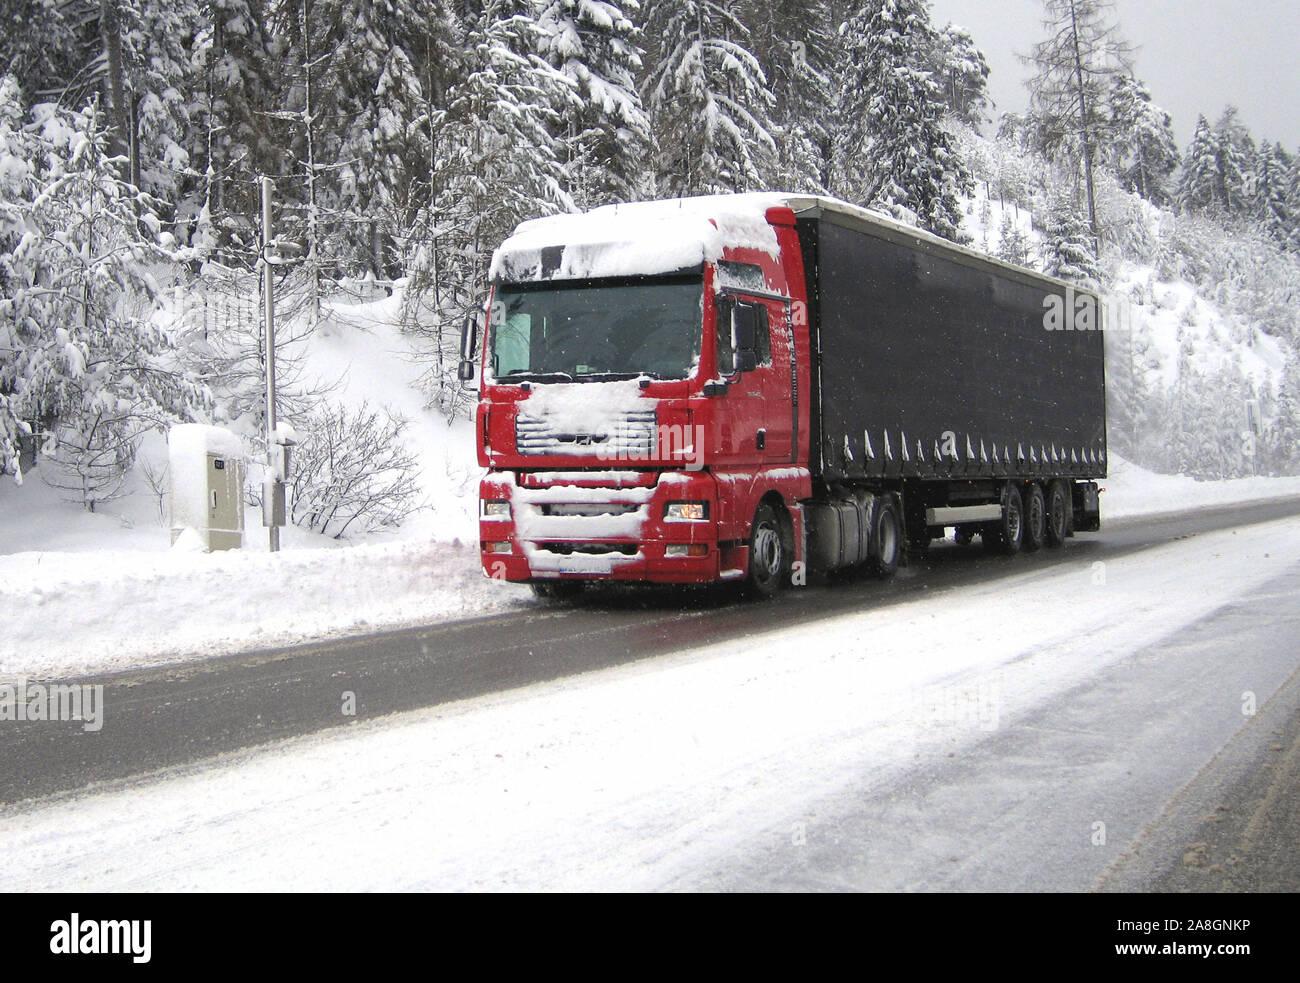 LKW auf einer Landstrasse im Winter, Schnee, Glatteis, Stock Photo